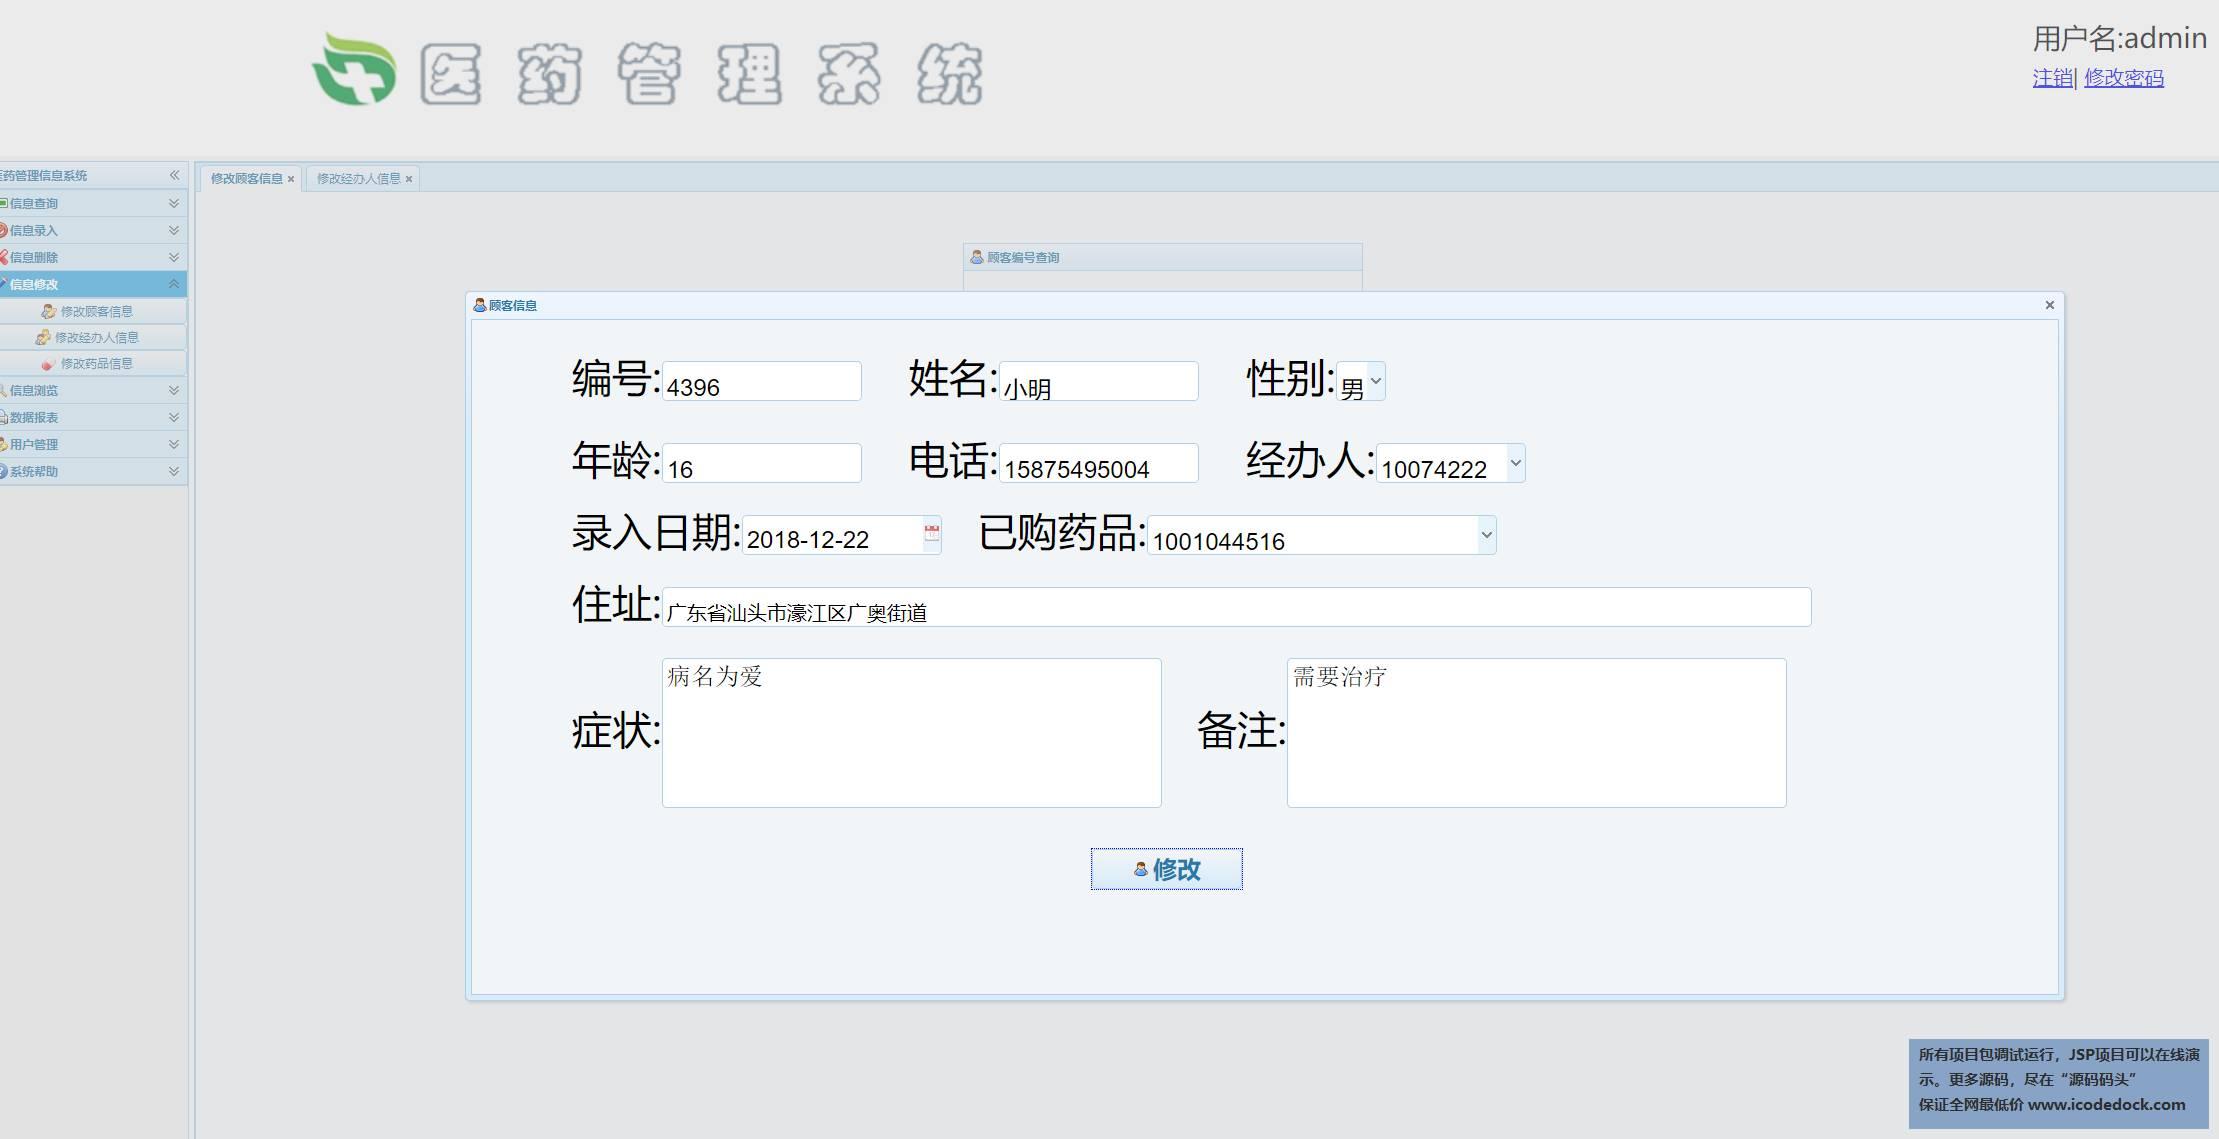 源码码头-SSM医药信息管理系统-管理员角色-信息修改